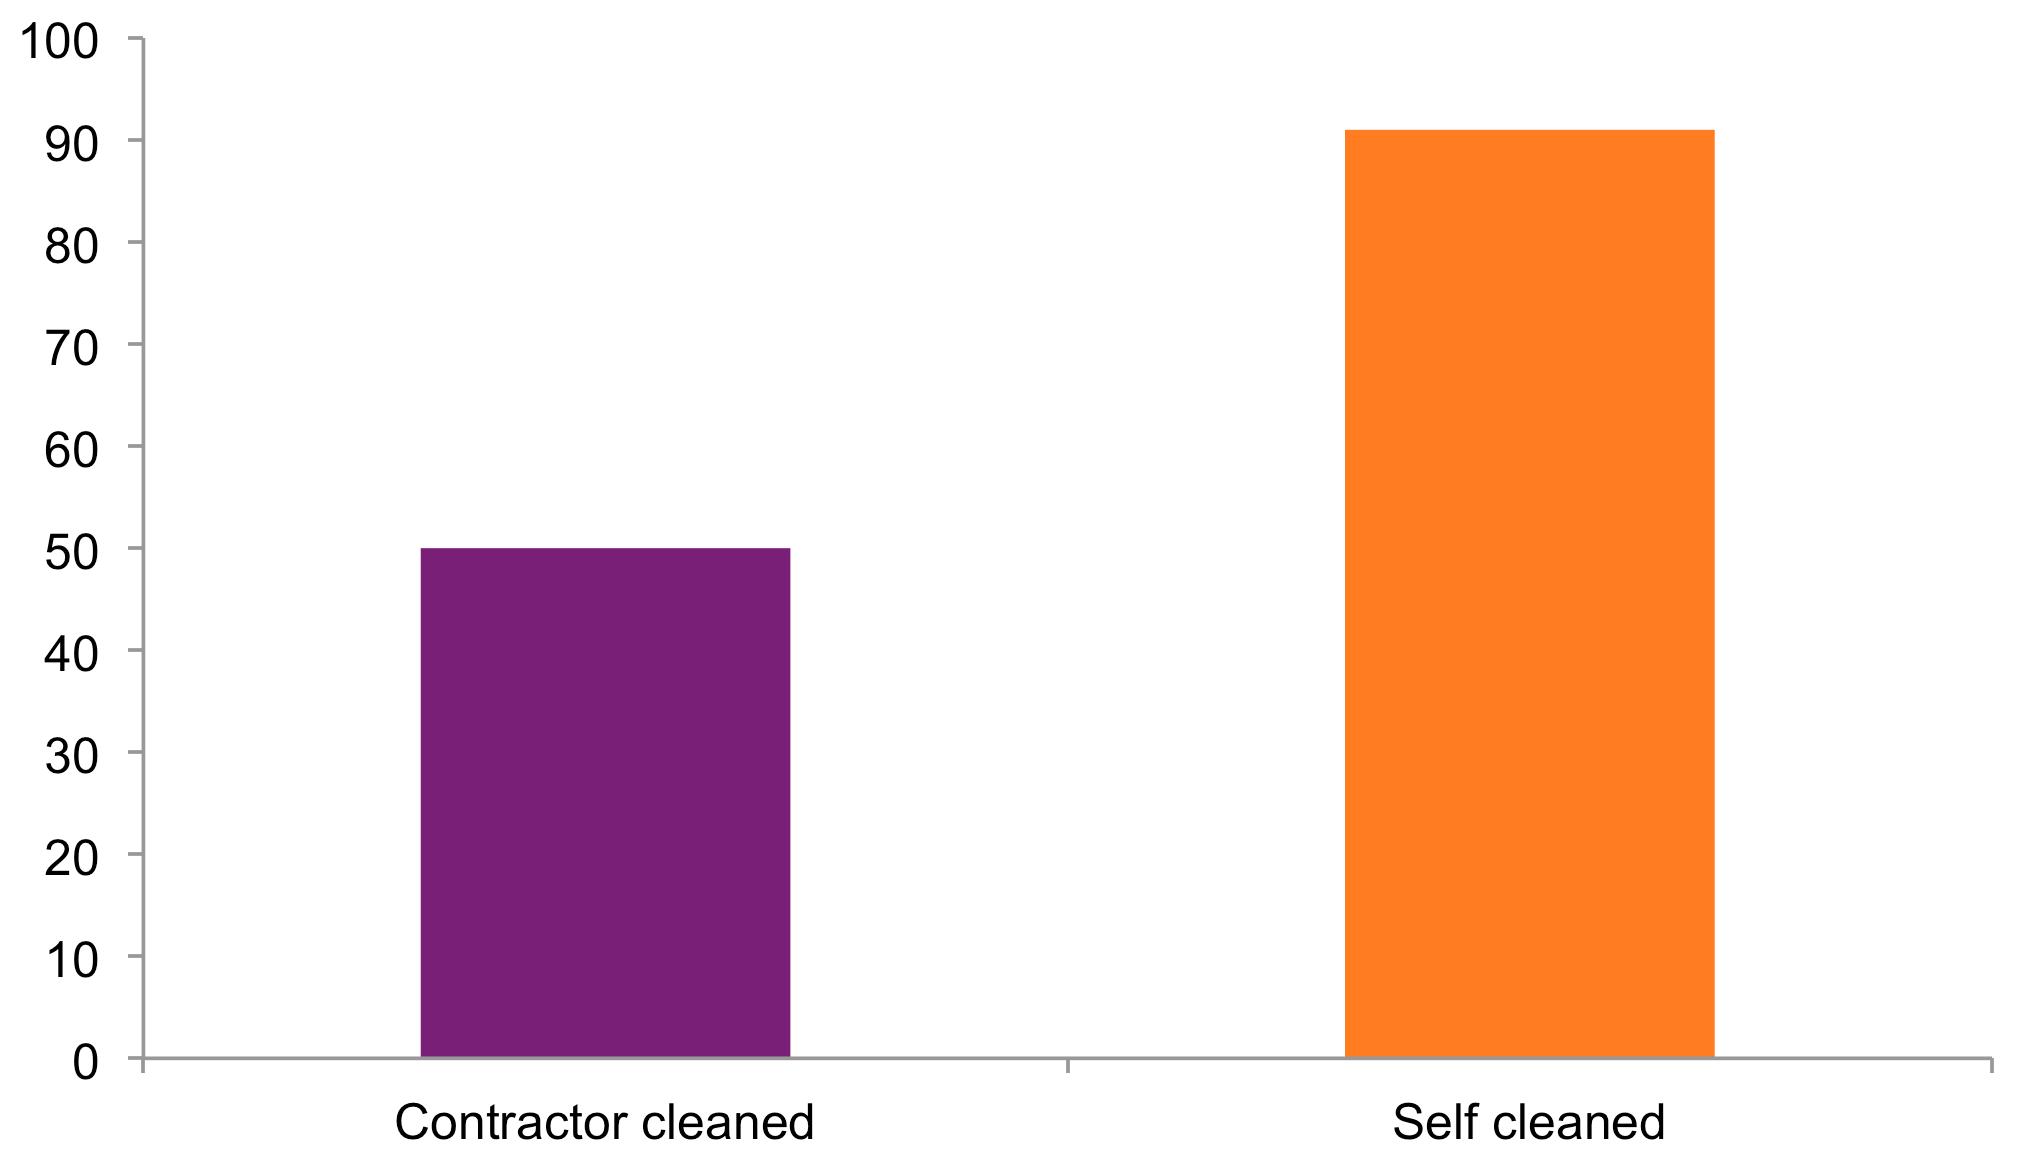 Contractor vs self